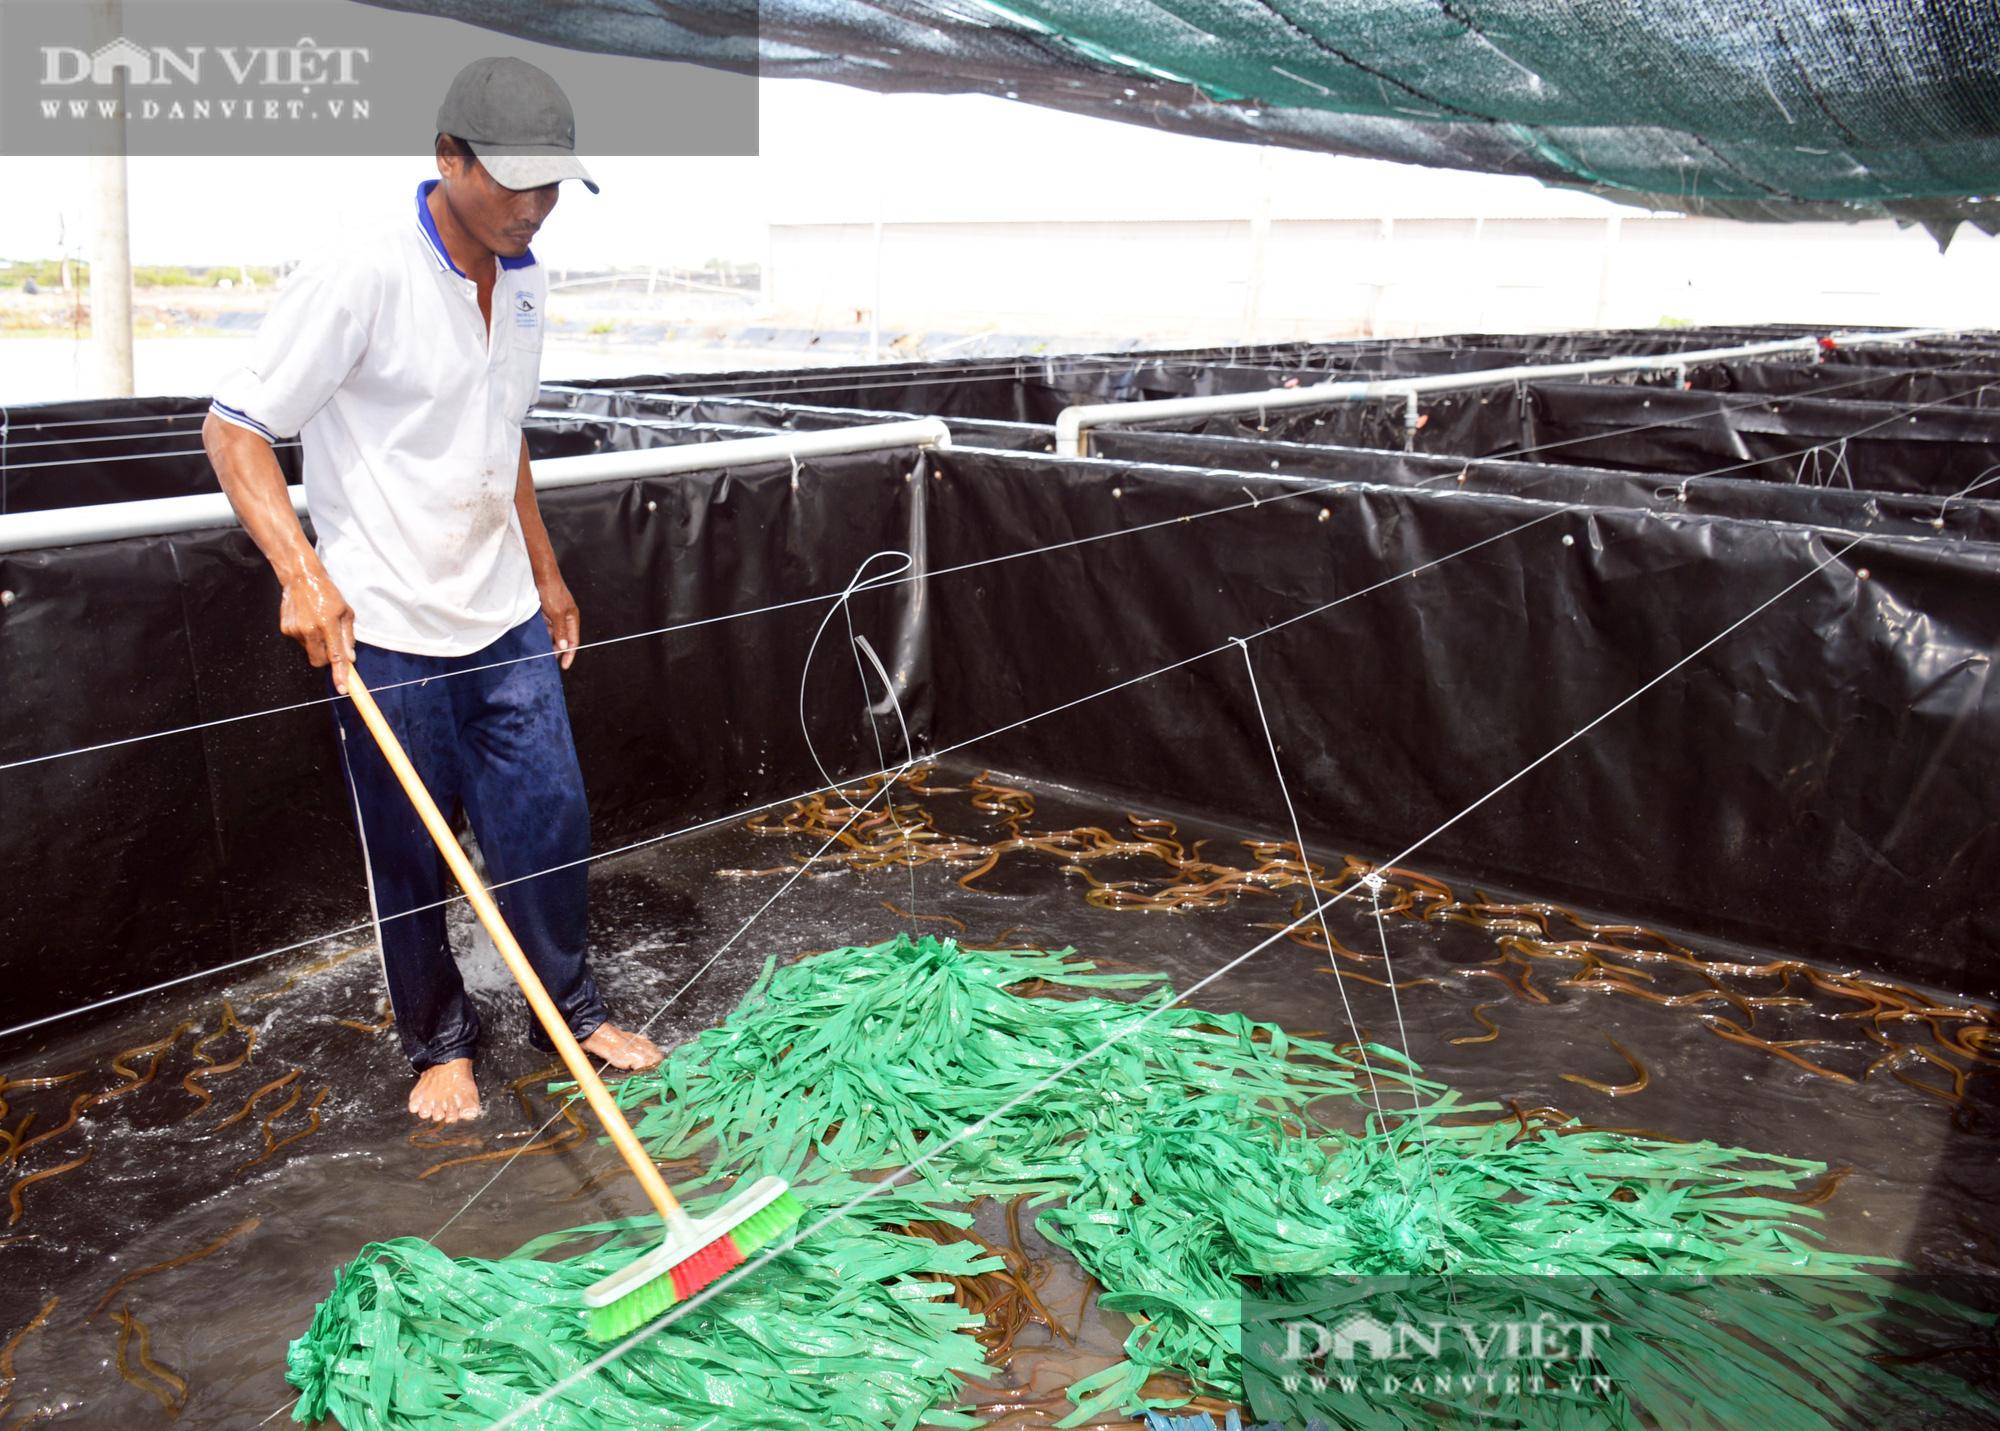 Bạc Liêu: Chàng kỹ sư bỏ công ty nước ngoài về làm nông dân nuôi 15 loài thủy sản - Ảnh 8.